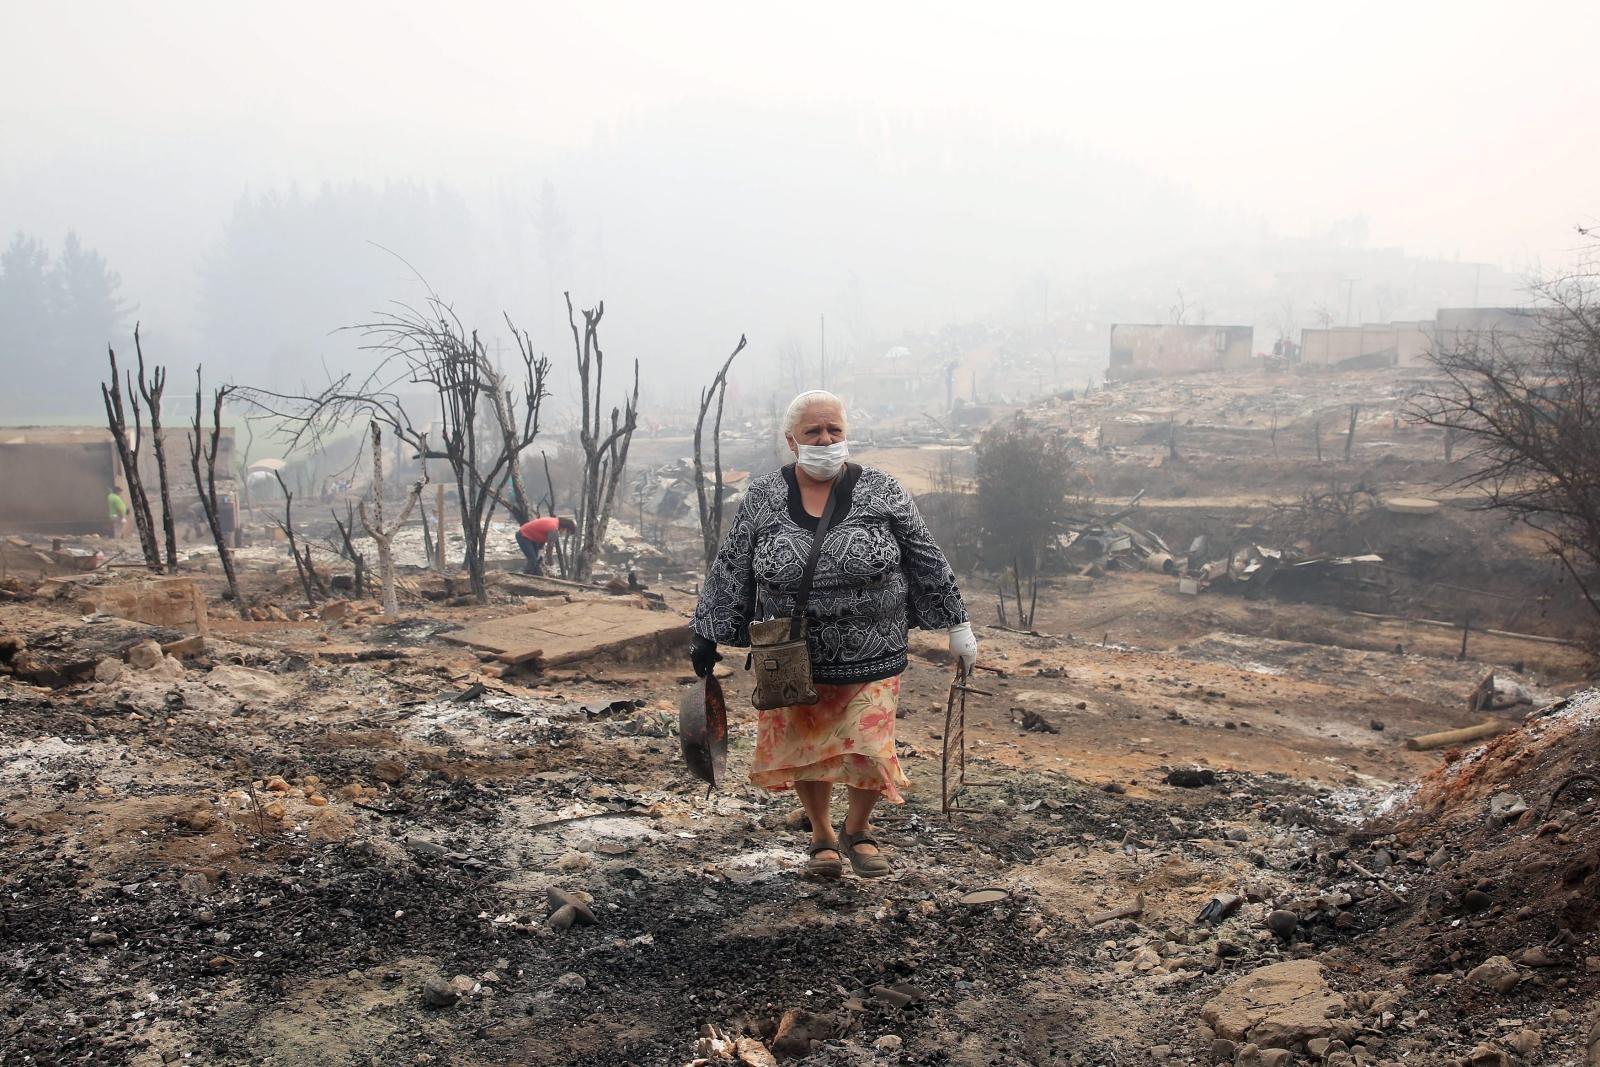 kobieta idzie przez ruiny domu spalonego w wielkim pożarze lasów w Chile.